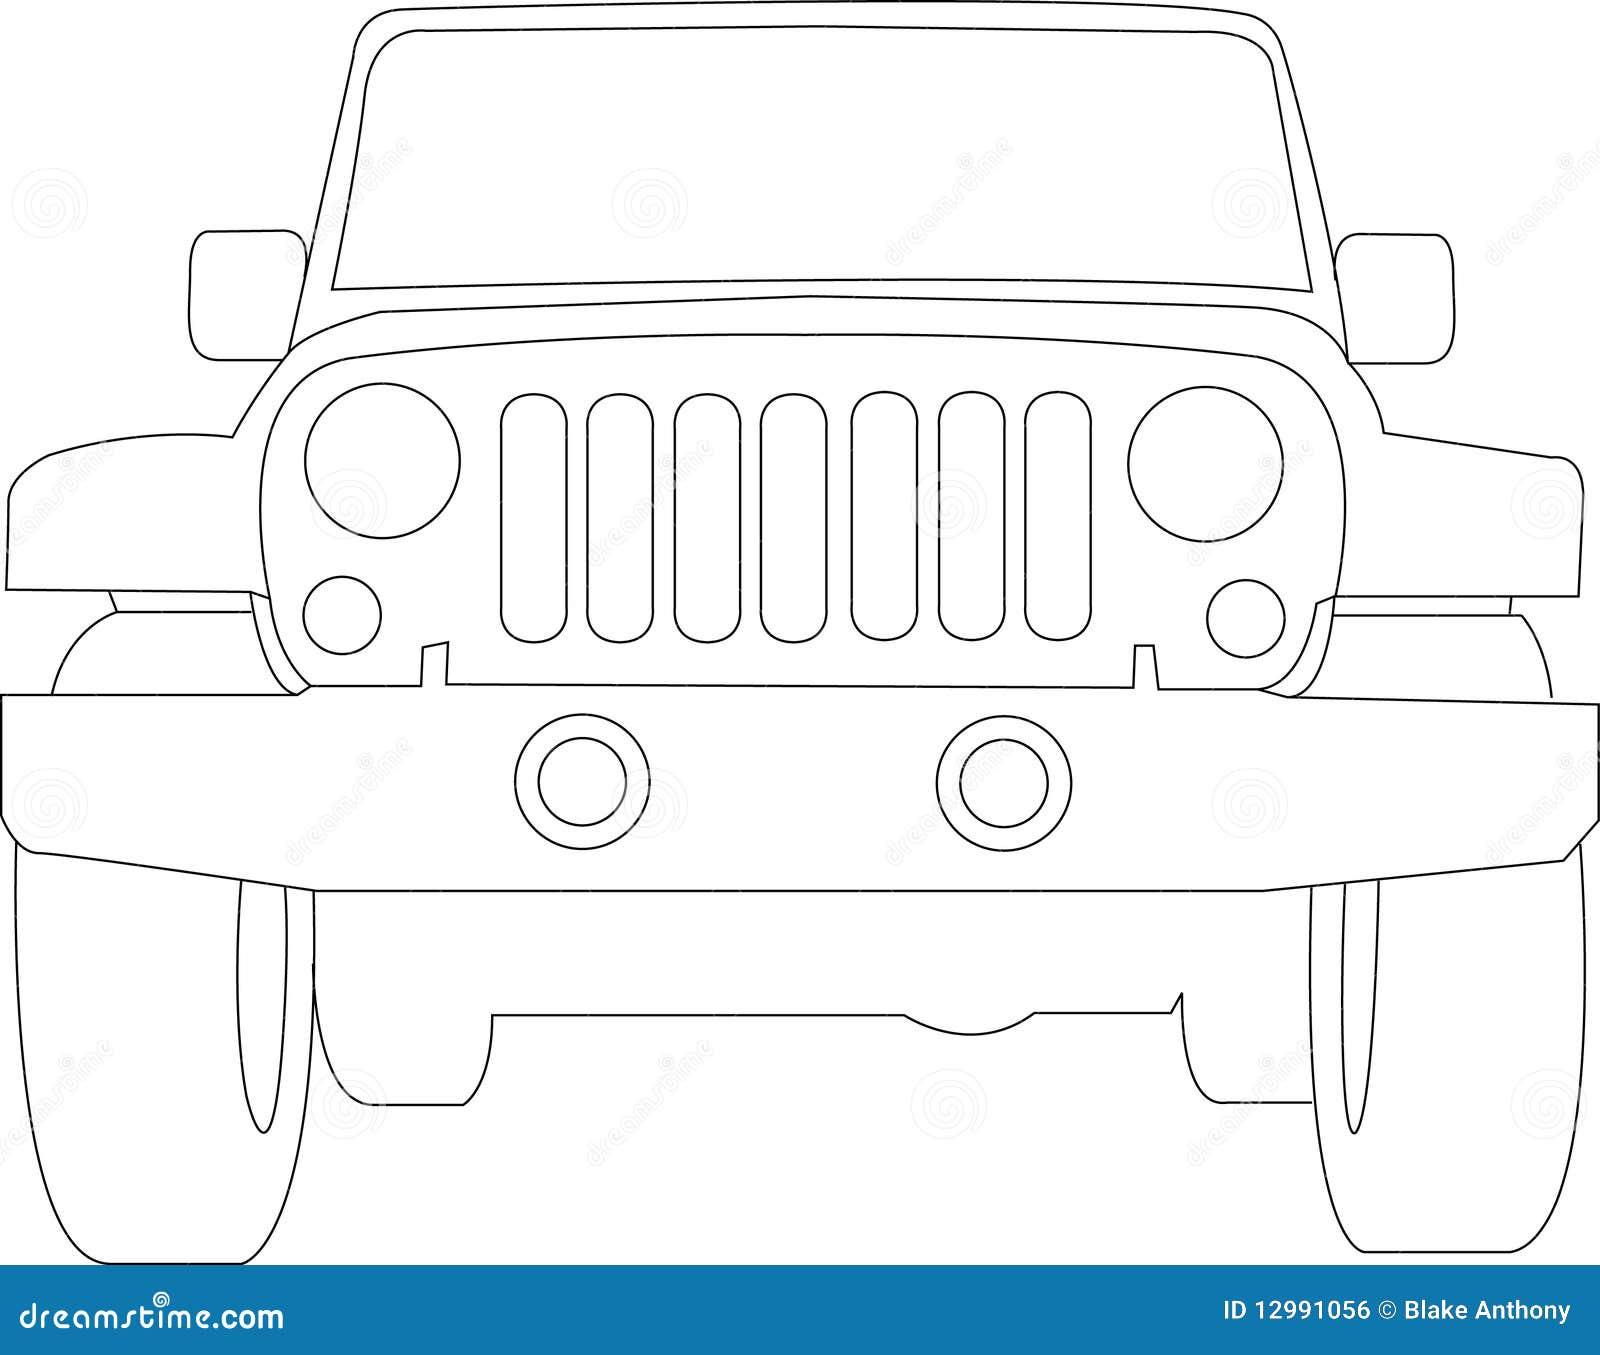 Outline  Chevy Truck Back  Door Car